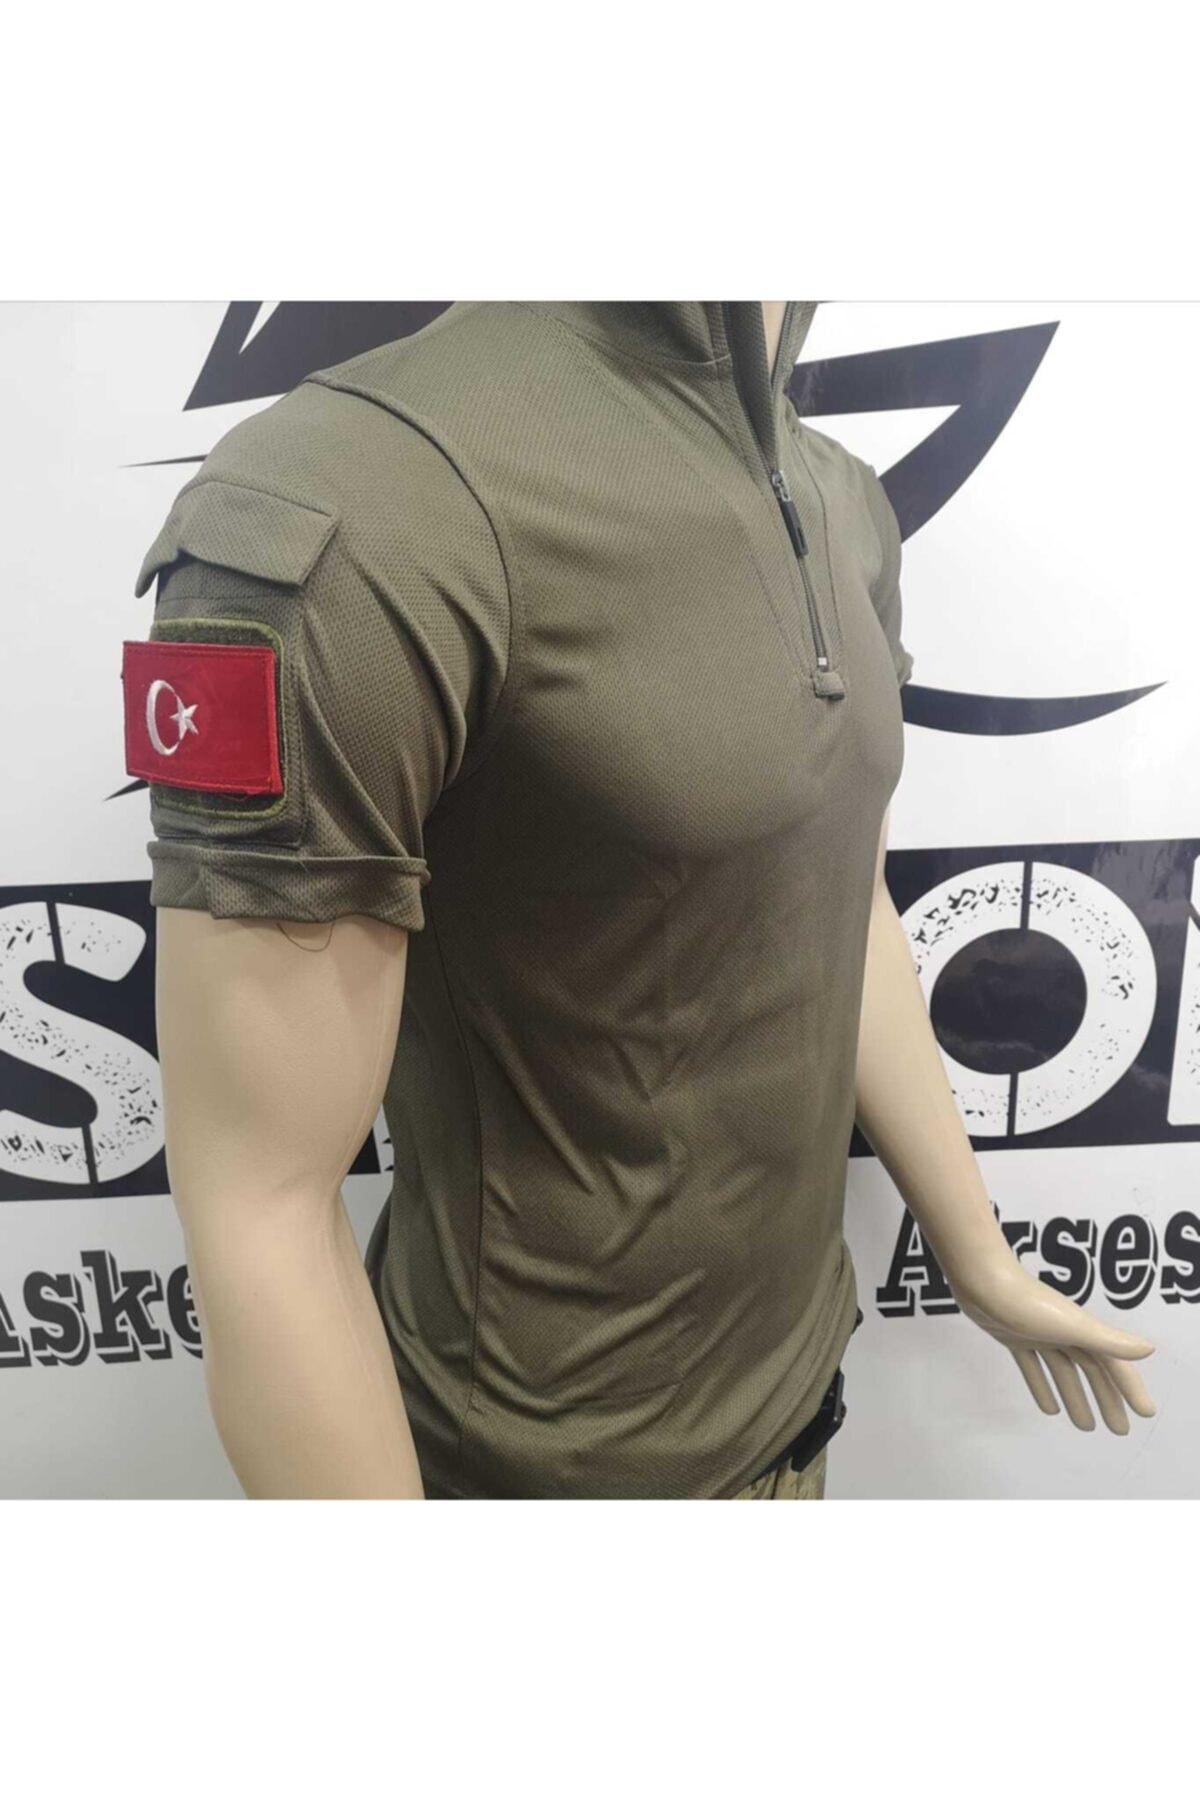 Taktik Pusu Tişörtü Taktik T-shirt Ve Türk Bayrağı Peç